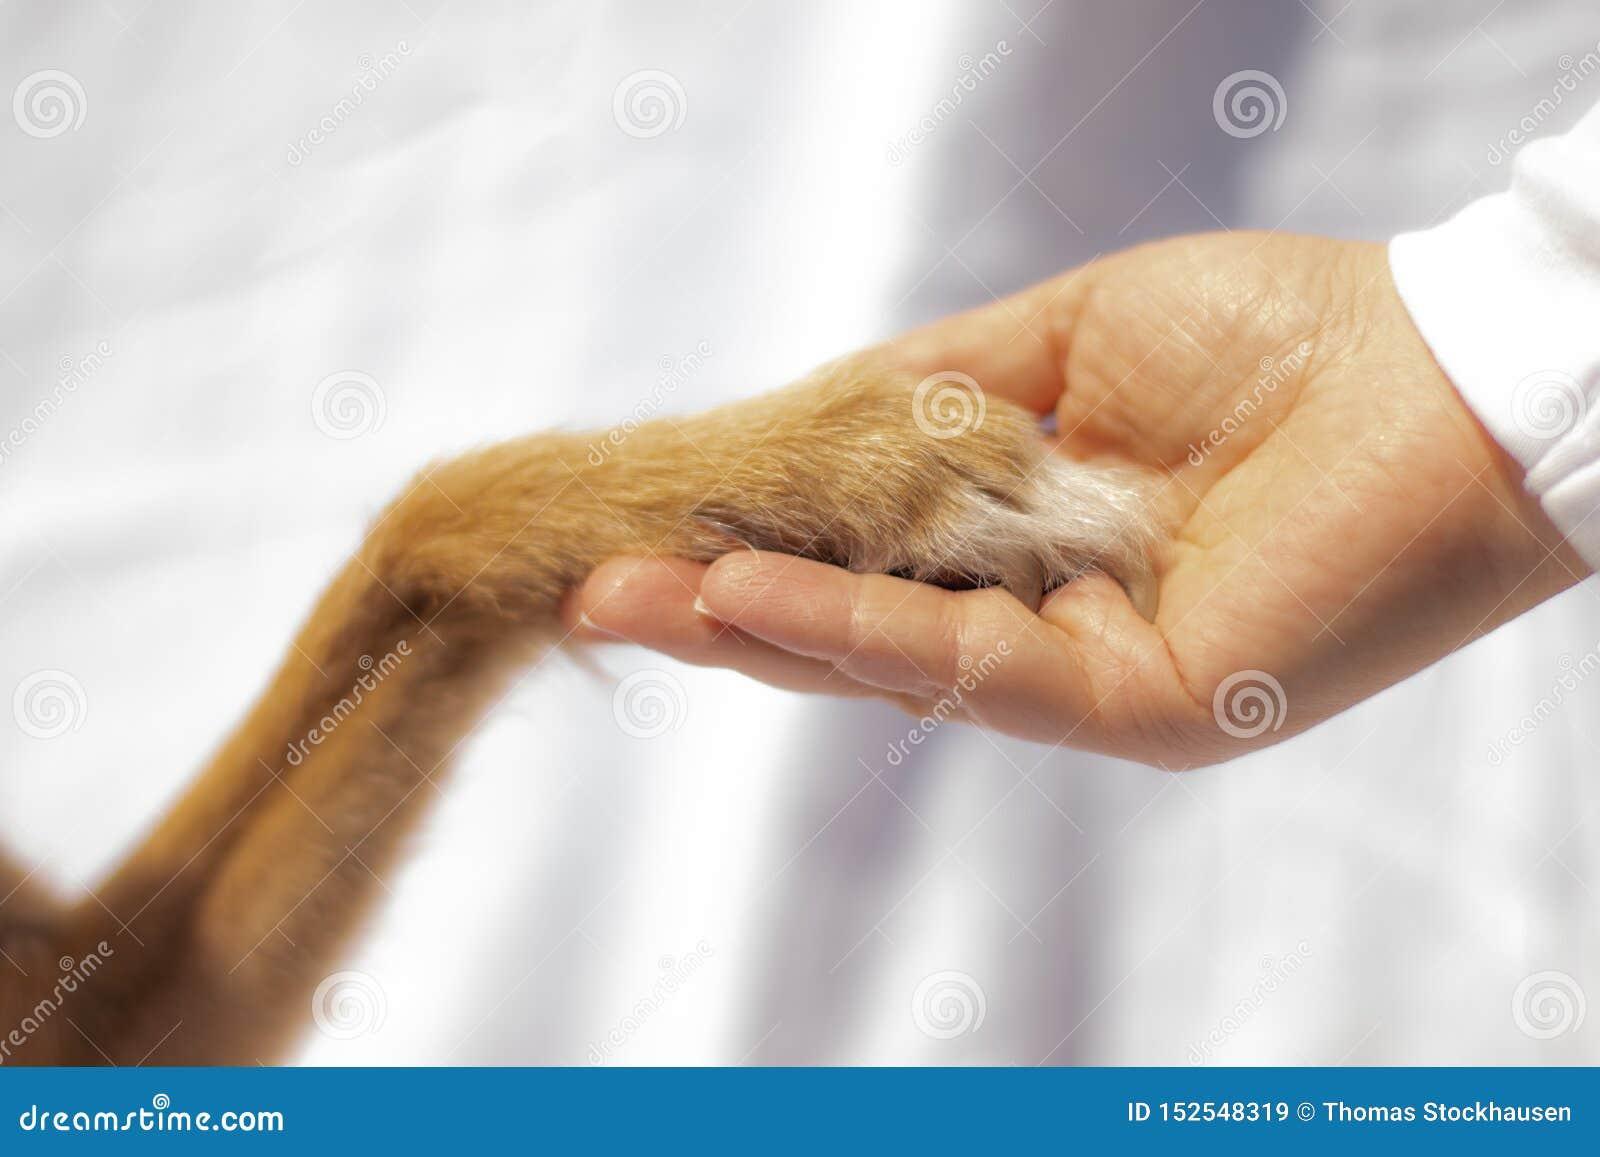 Psia łapa dotyka ludzką rękę